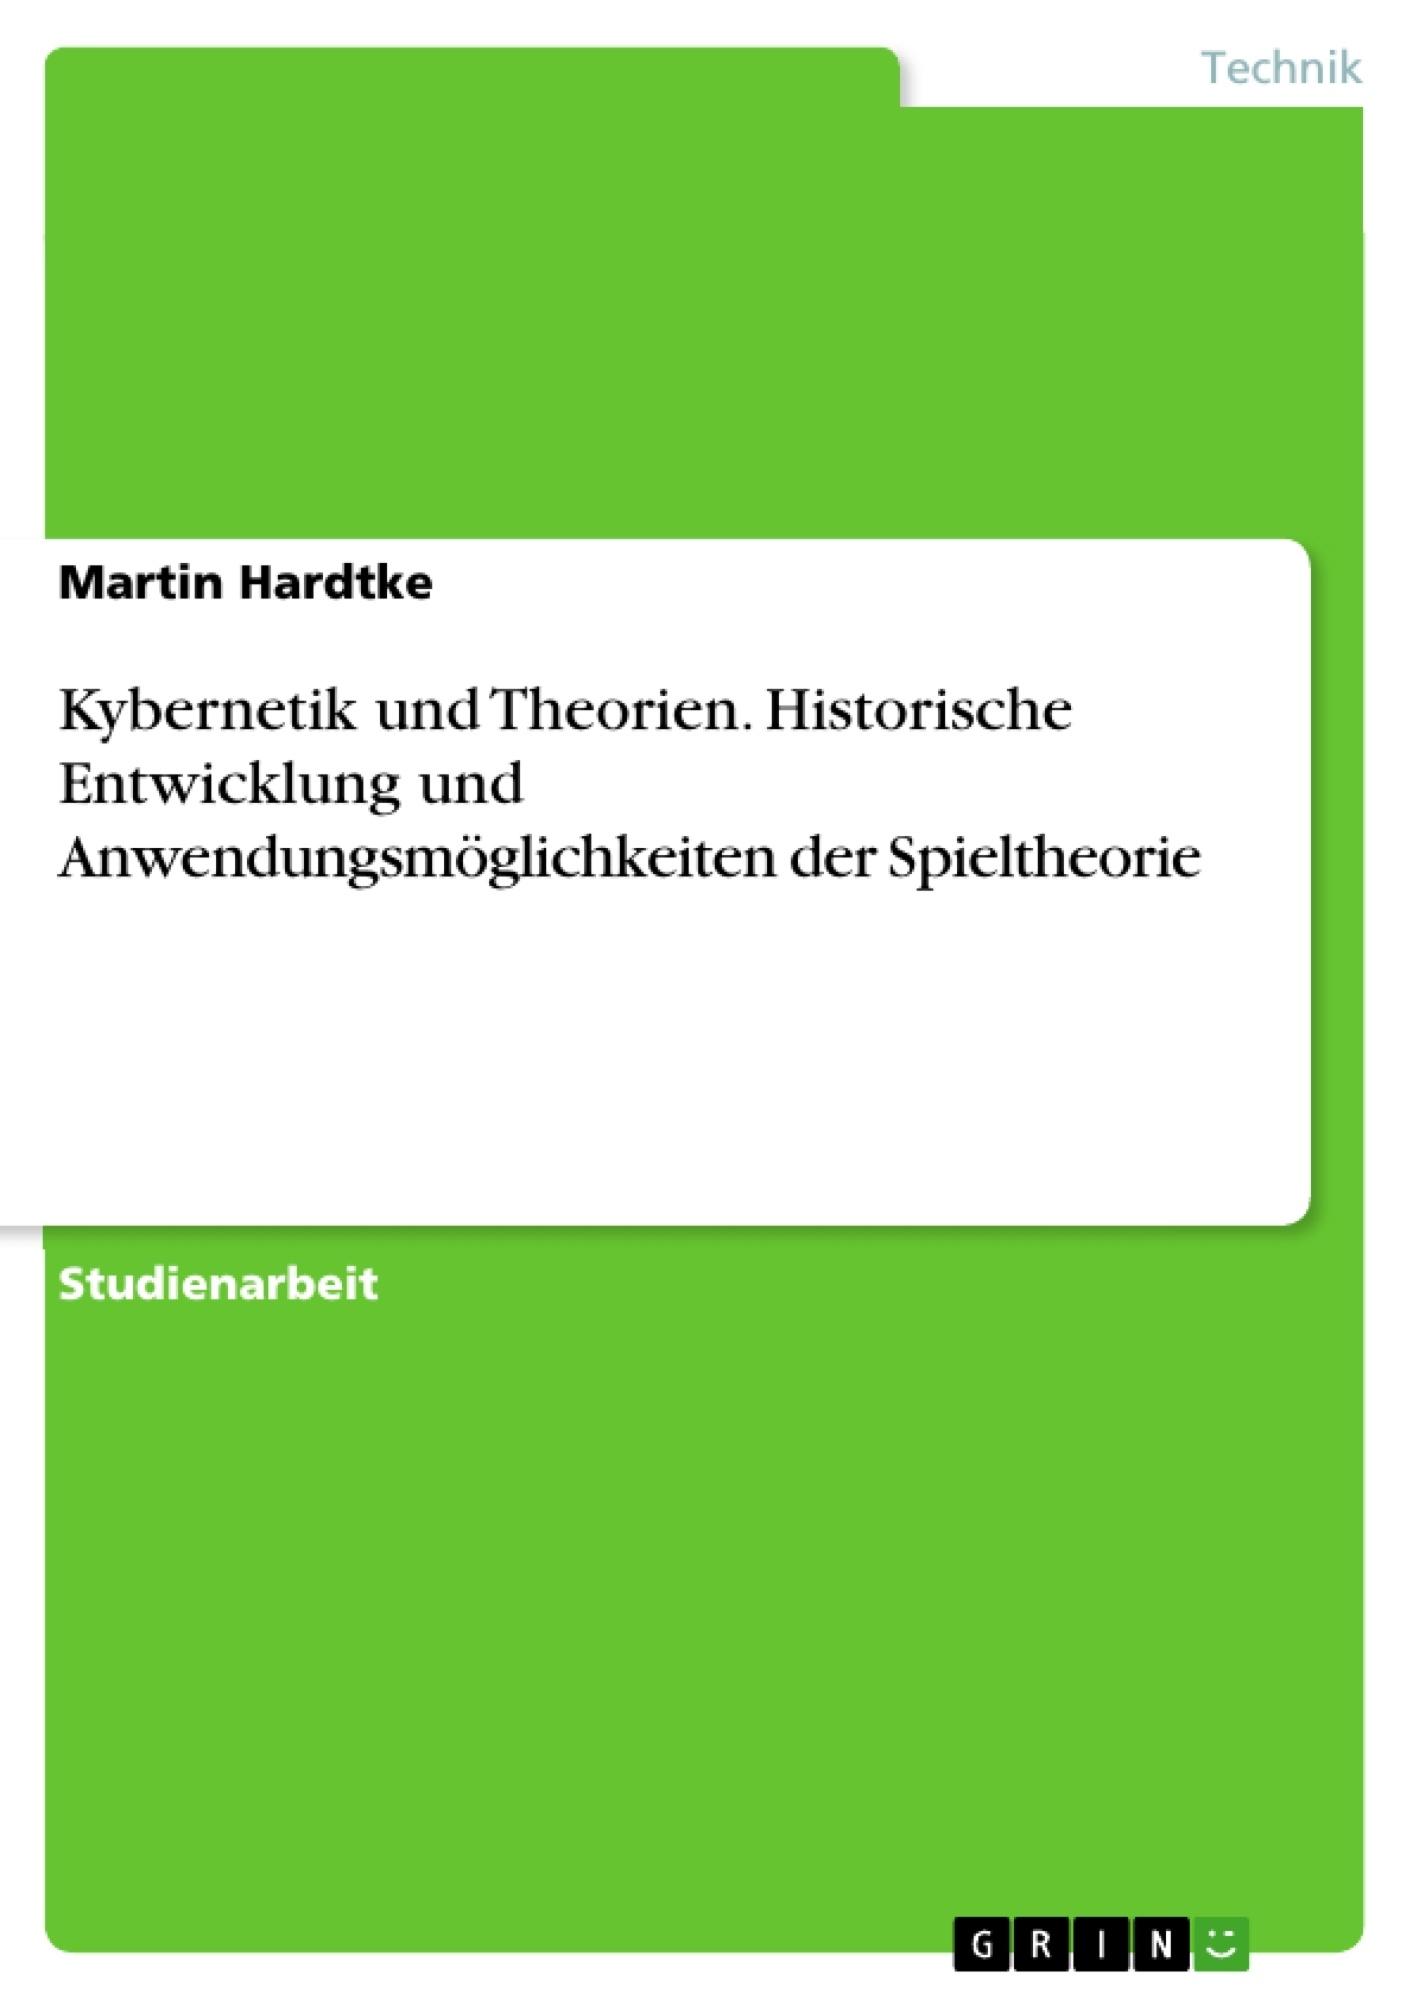 Titel: Kybernetik und Theorien. Historische Entwicklung und Anwendungsmöglichkeiten der Spieltheorie